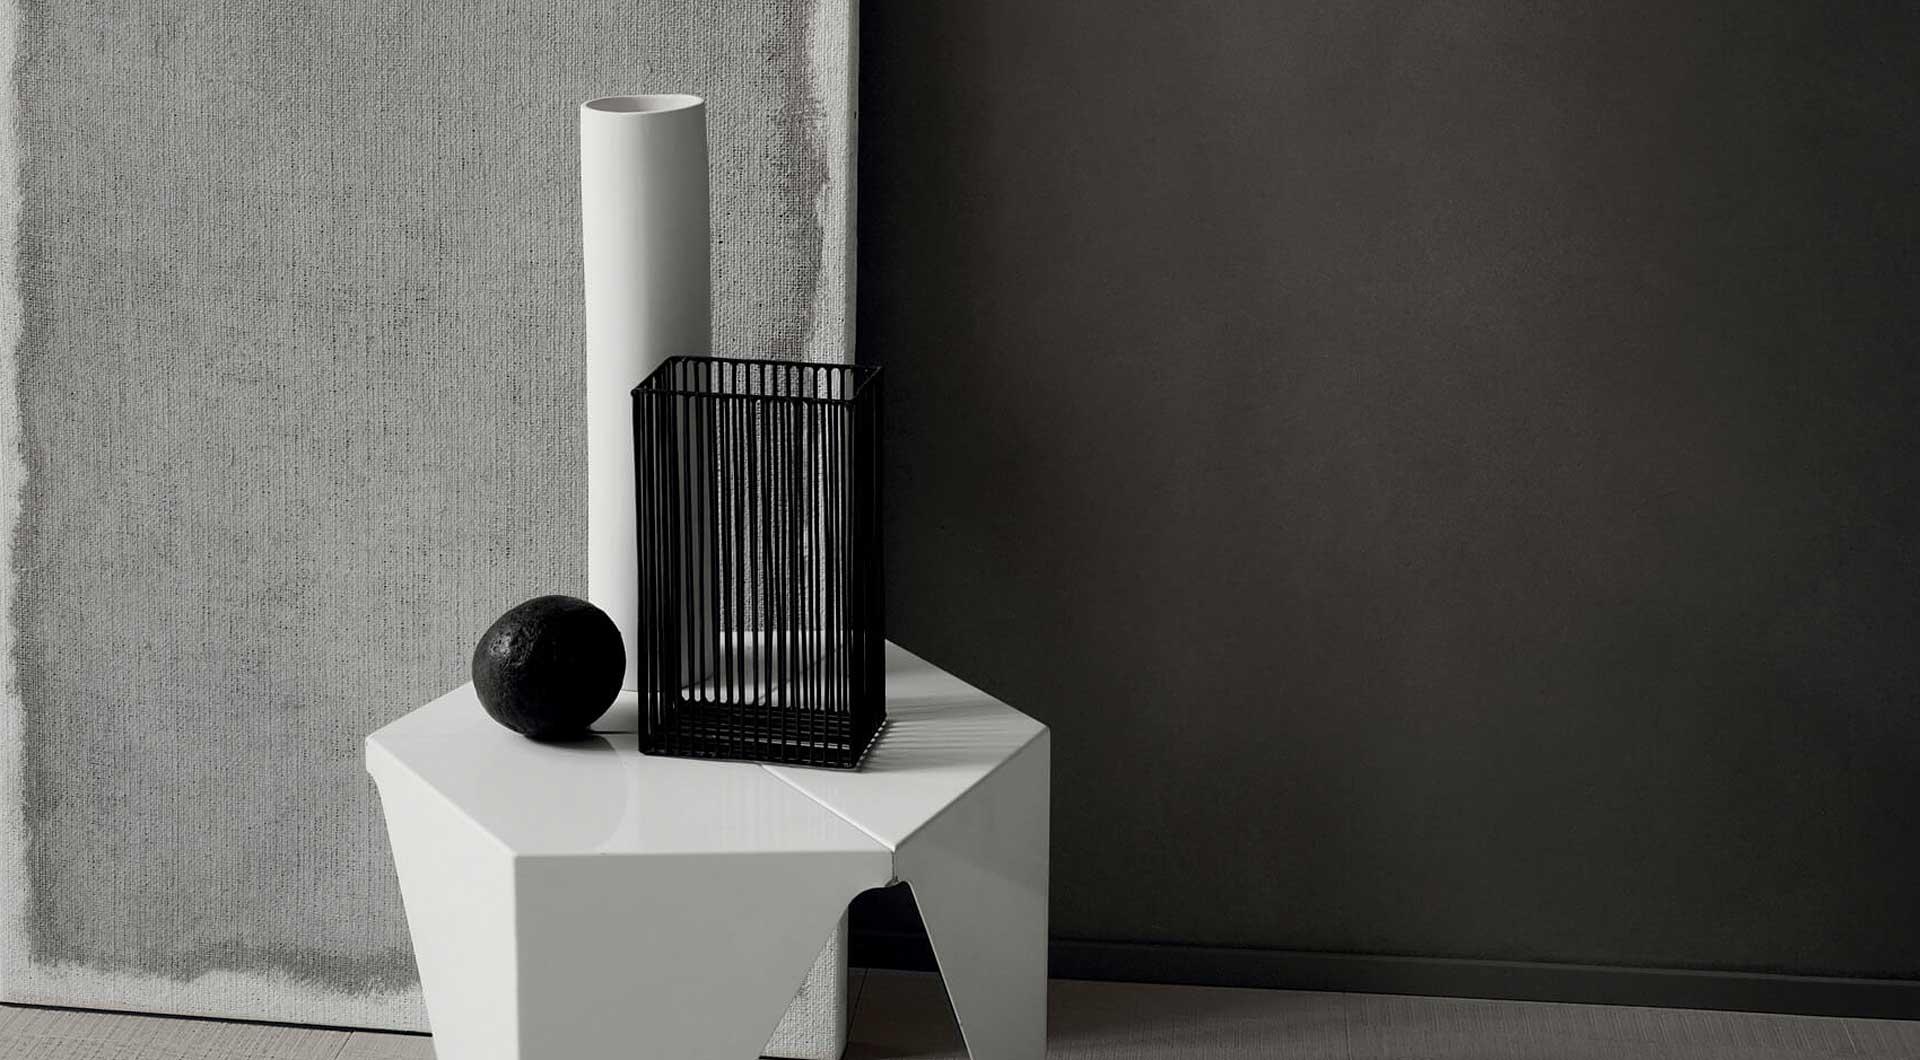 kerakoll-design-house-parter-di-natalucci-showroom-a-jesi-per-pavimenti-e-rivestimenti-continui-dal-design-meraviglioso